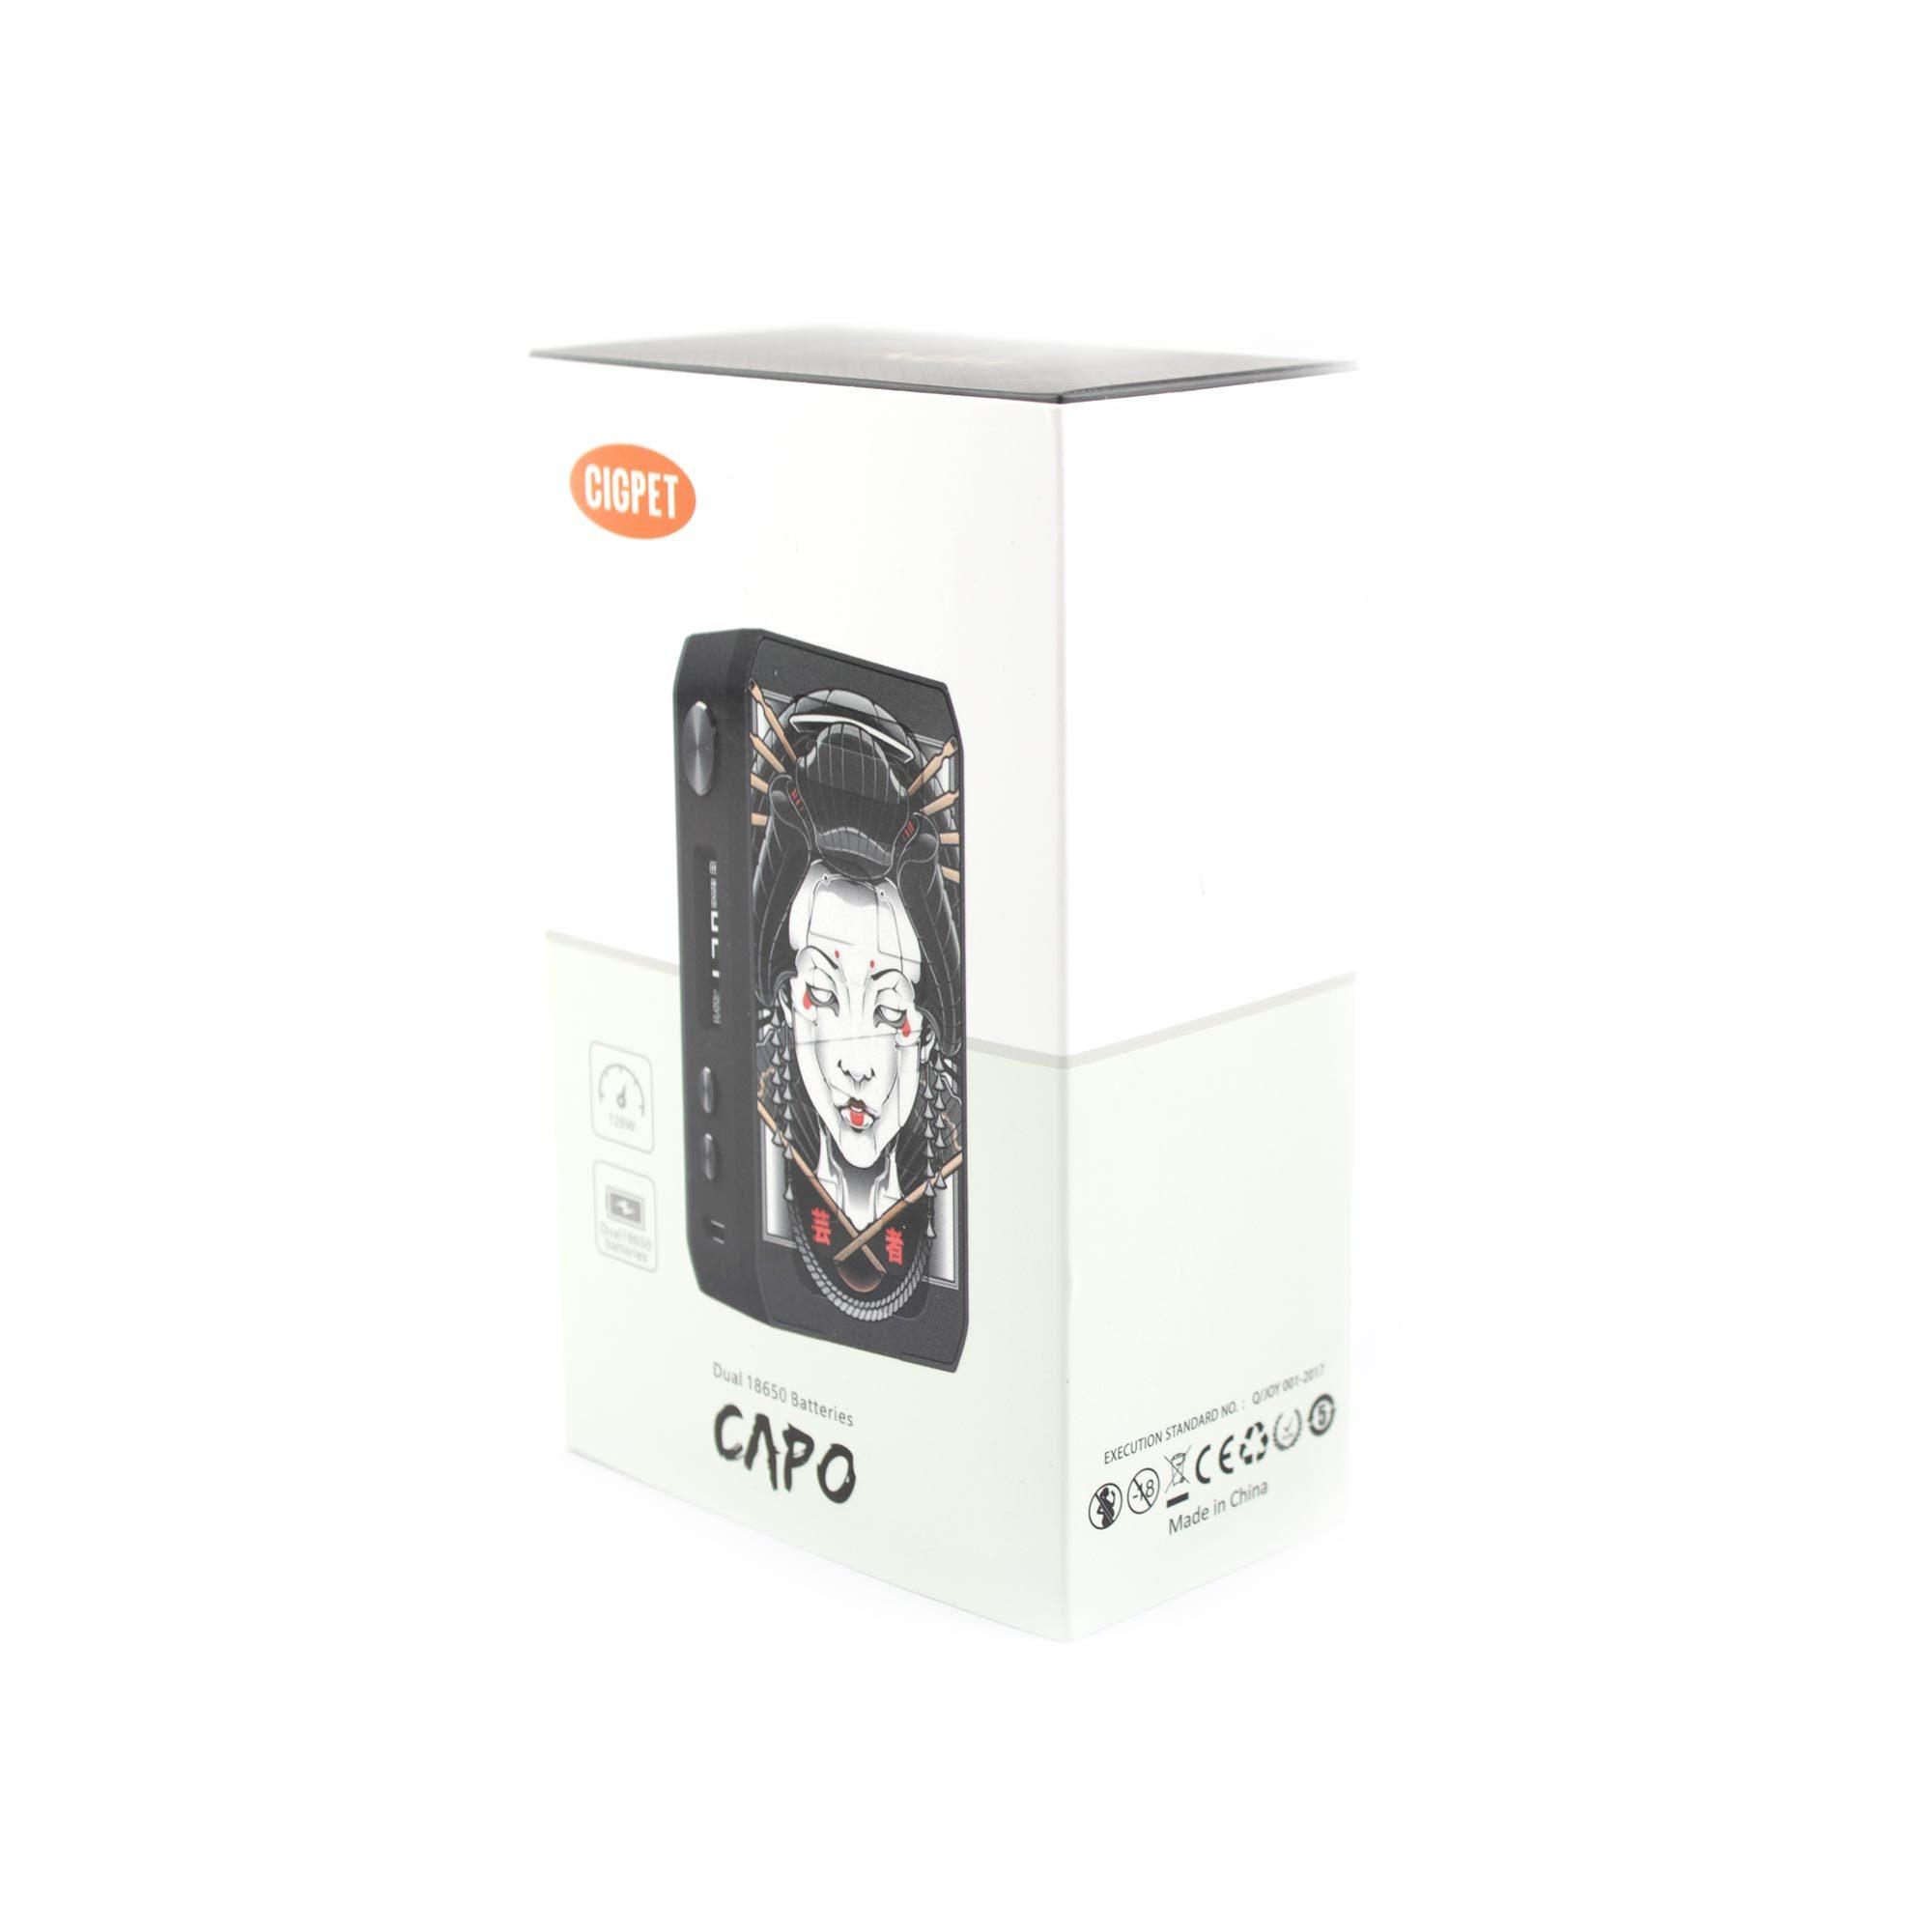 Фирменная коробка для iJOY CIGPET CAPO 126W